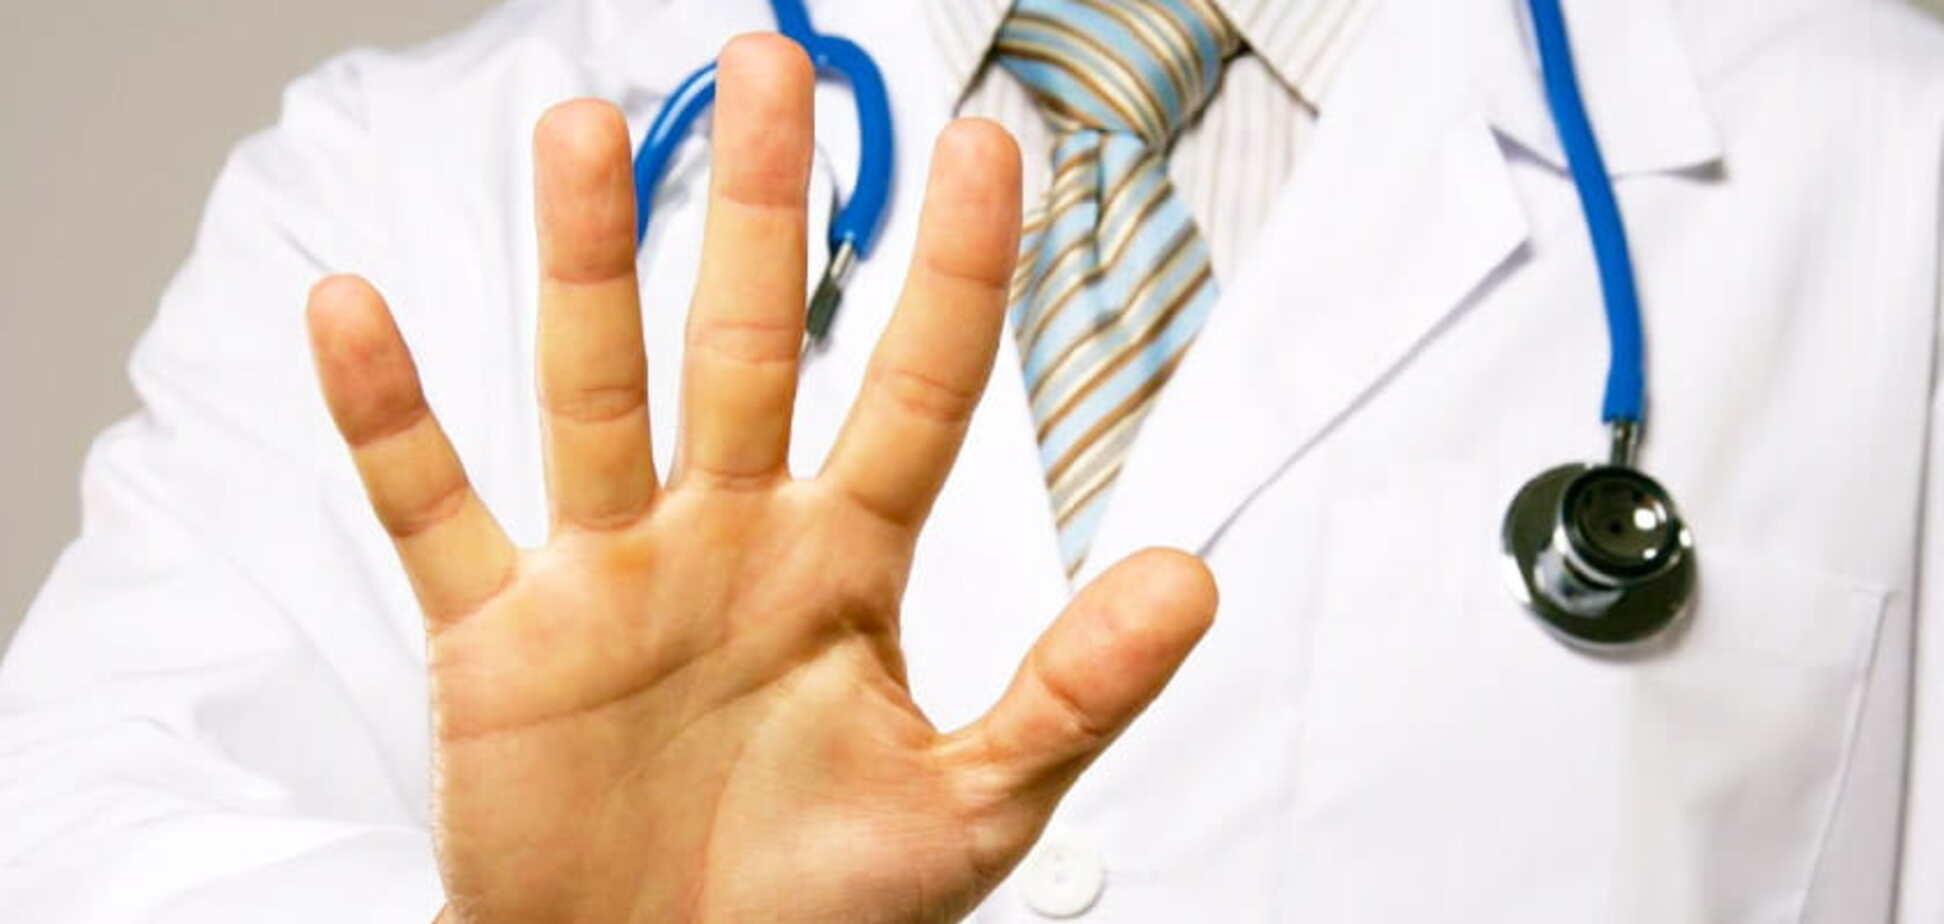 Чи має право лікар відмовити в прийомі: що робити в такому випадку жителям Дніпра